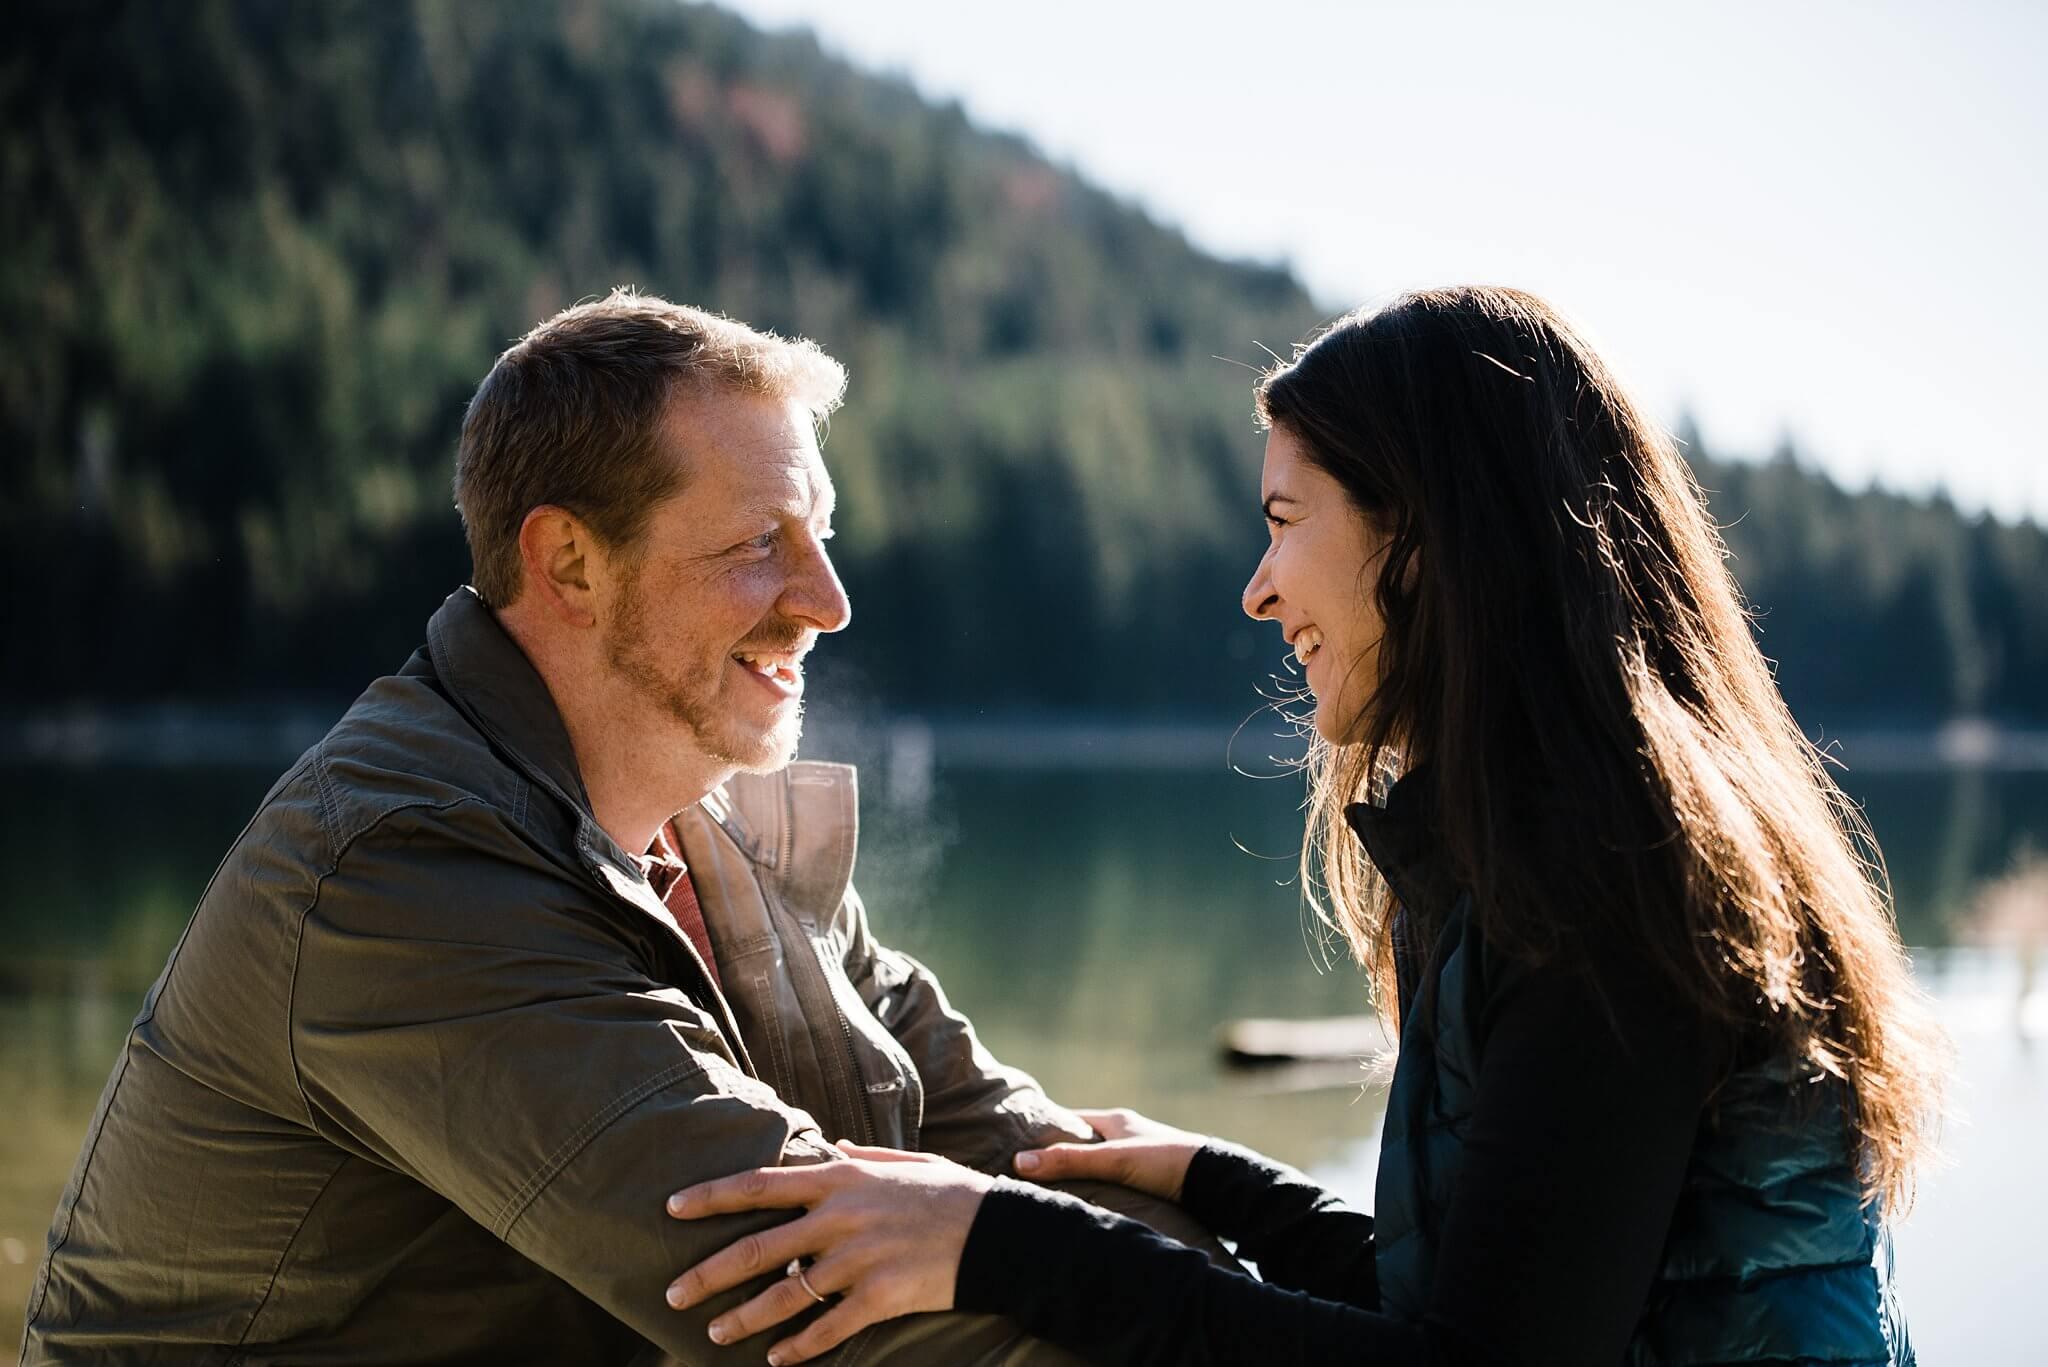 Canoe-Lake-Adventure-Engagement-Session-Oregon-Lemolo-S-Photography_0020.jpg